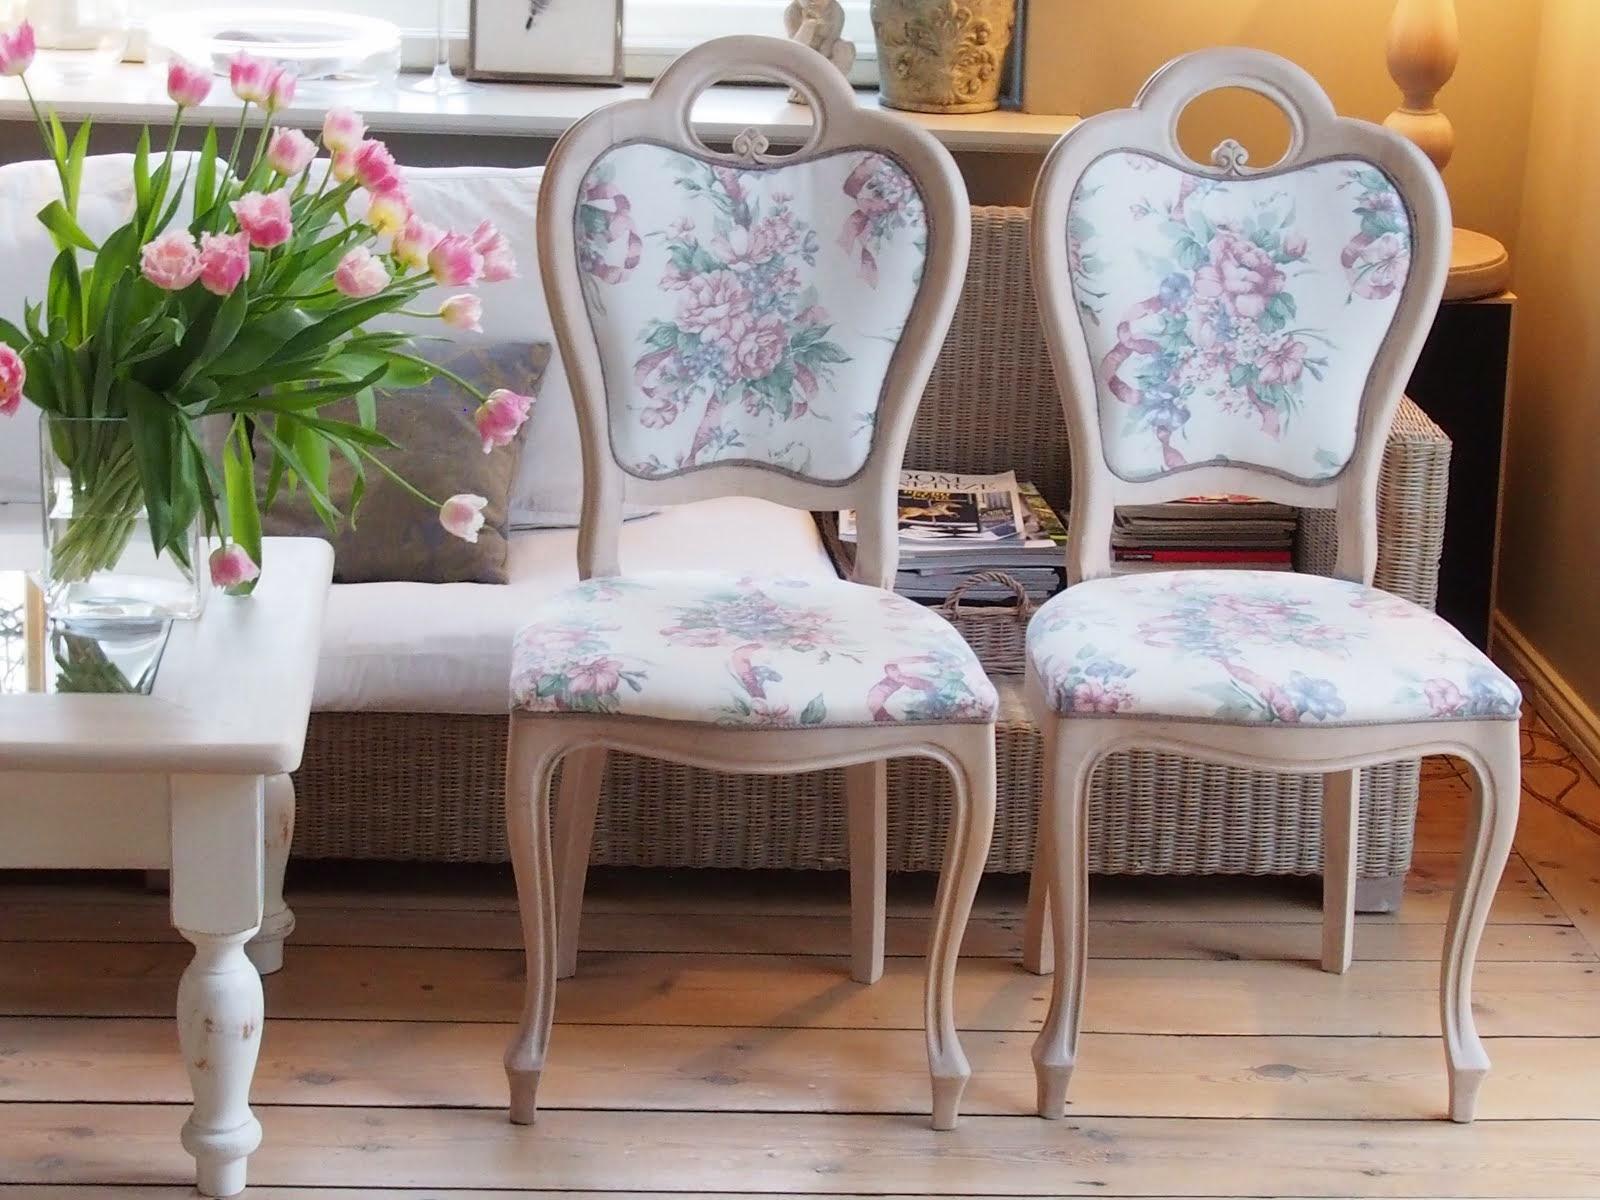 Przepiękne ludwikowskie krzesła